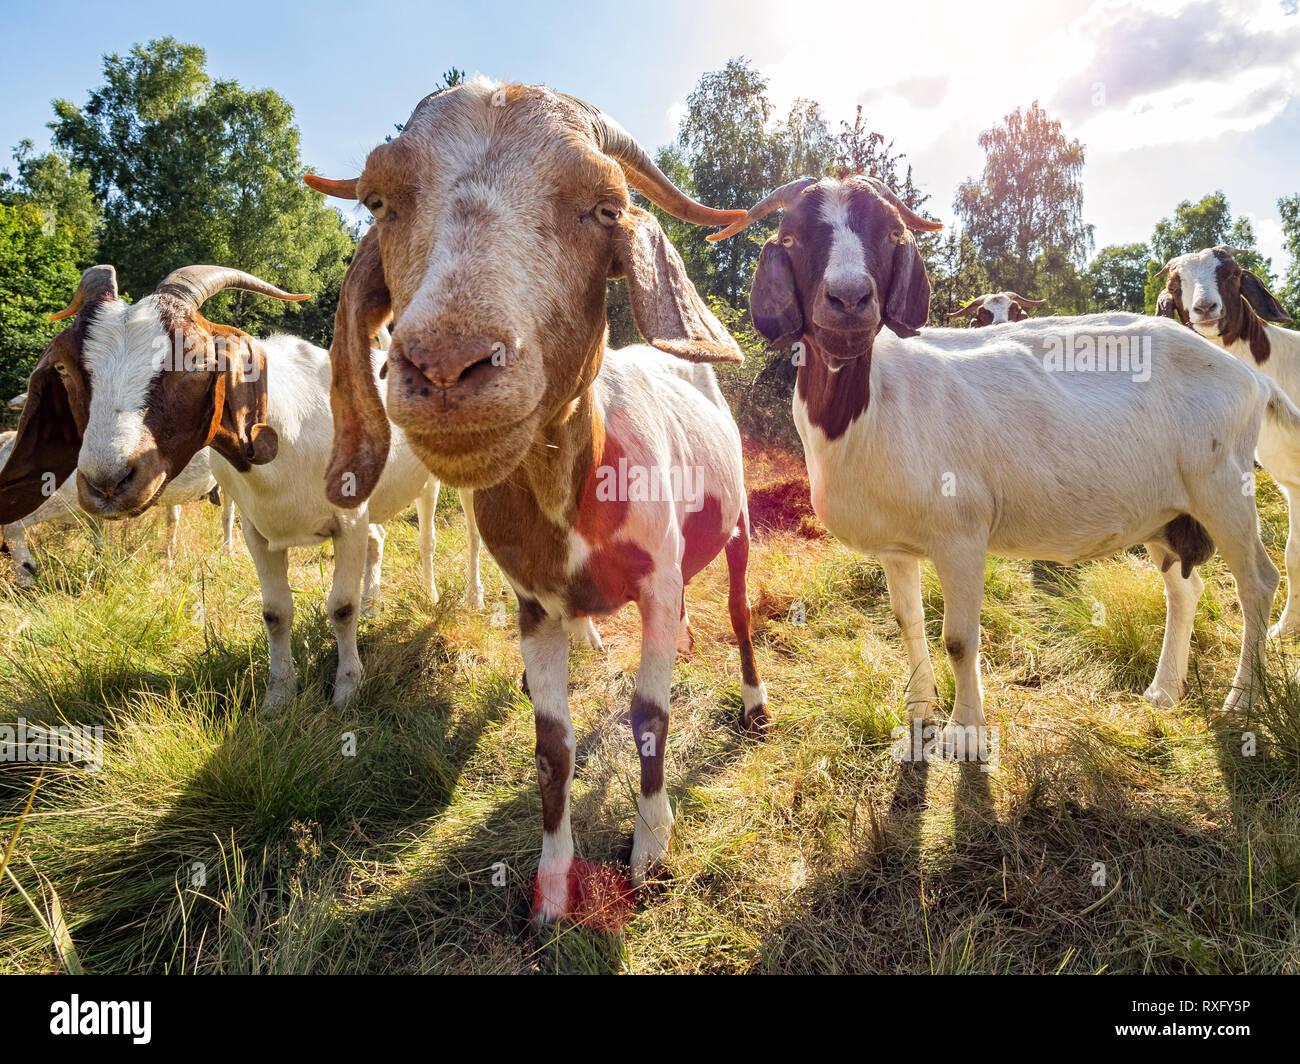 Nahaufnahme einer Ziege und Ziegen im Hintergrund Stockbild